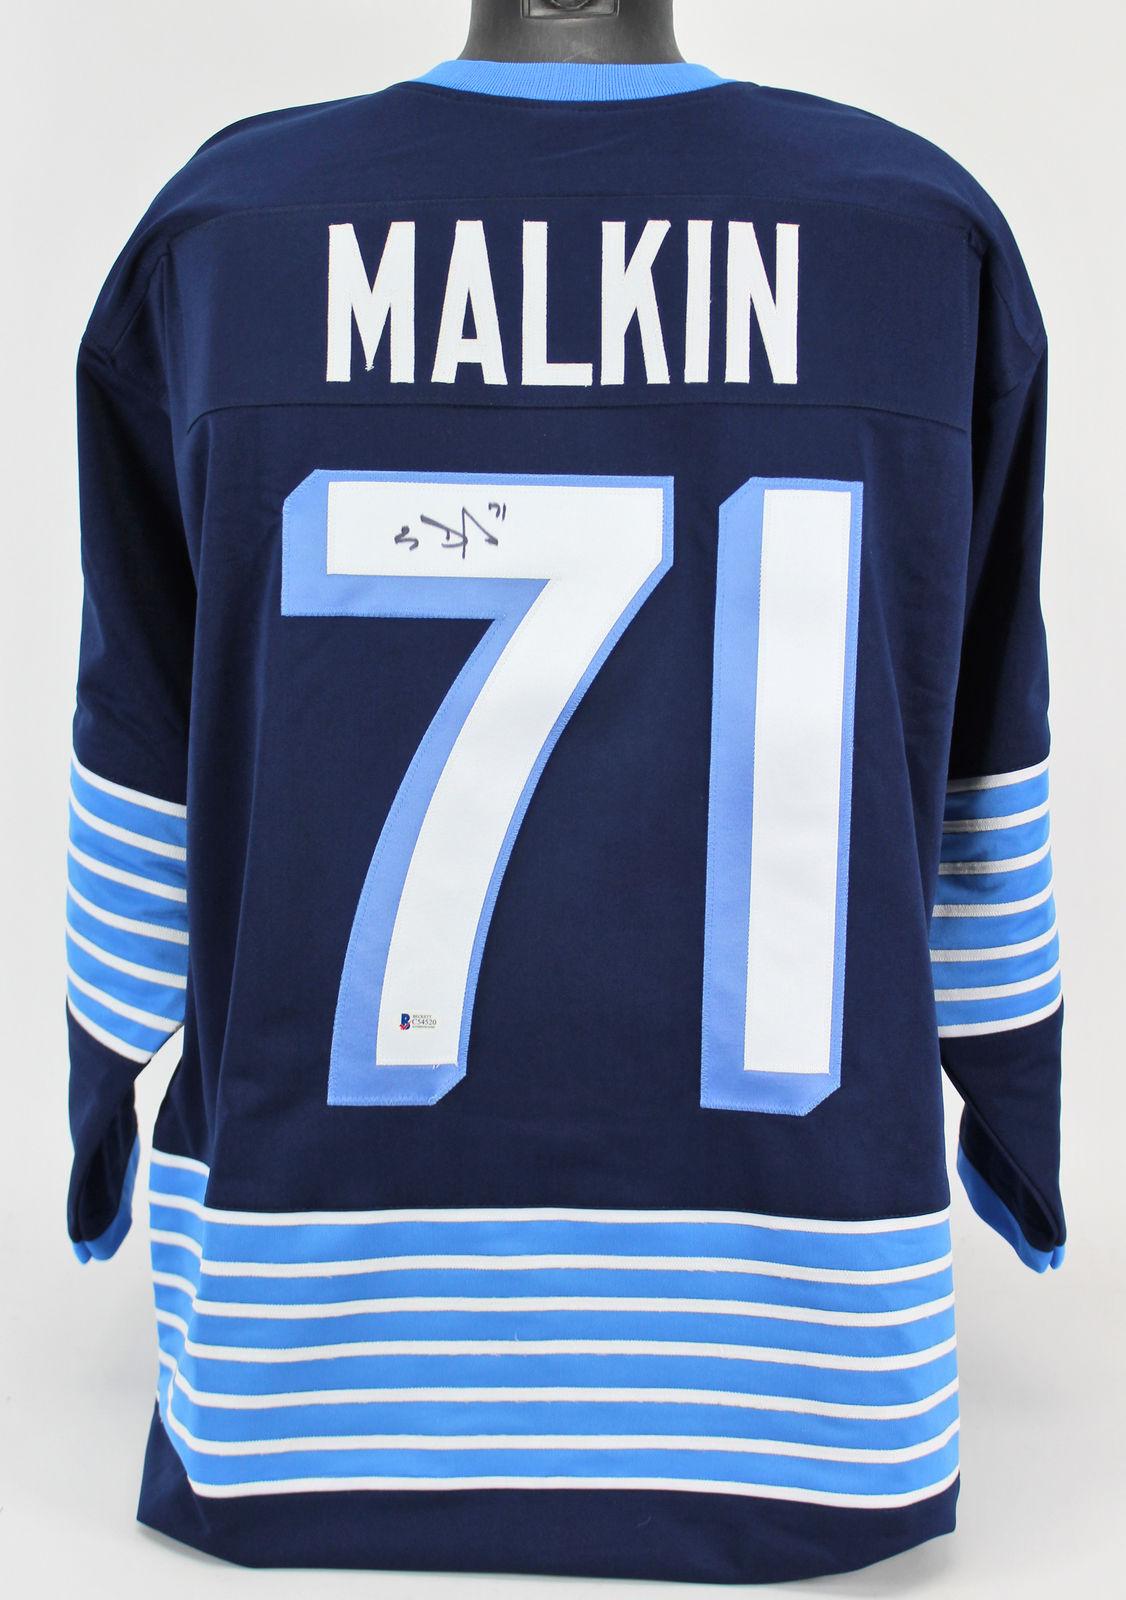 outlet store 20531 86308 Lot Detail - Evgeni Malkin Signed Pittsburgh Penguins ...